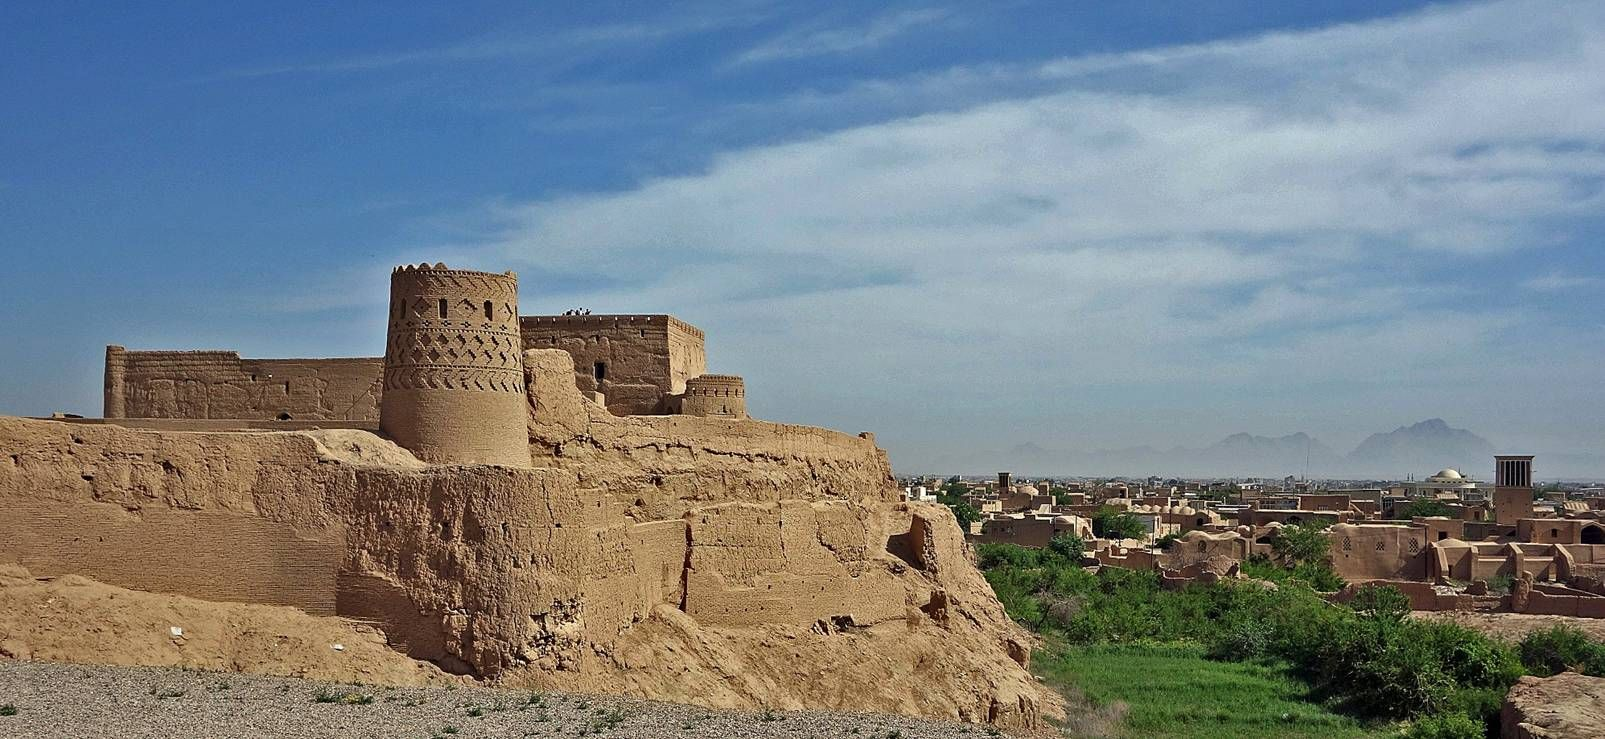 офисных иран старая крепость фото будет